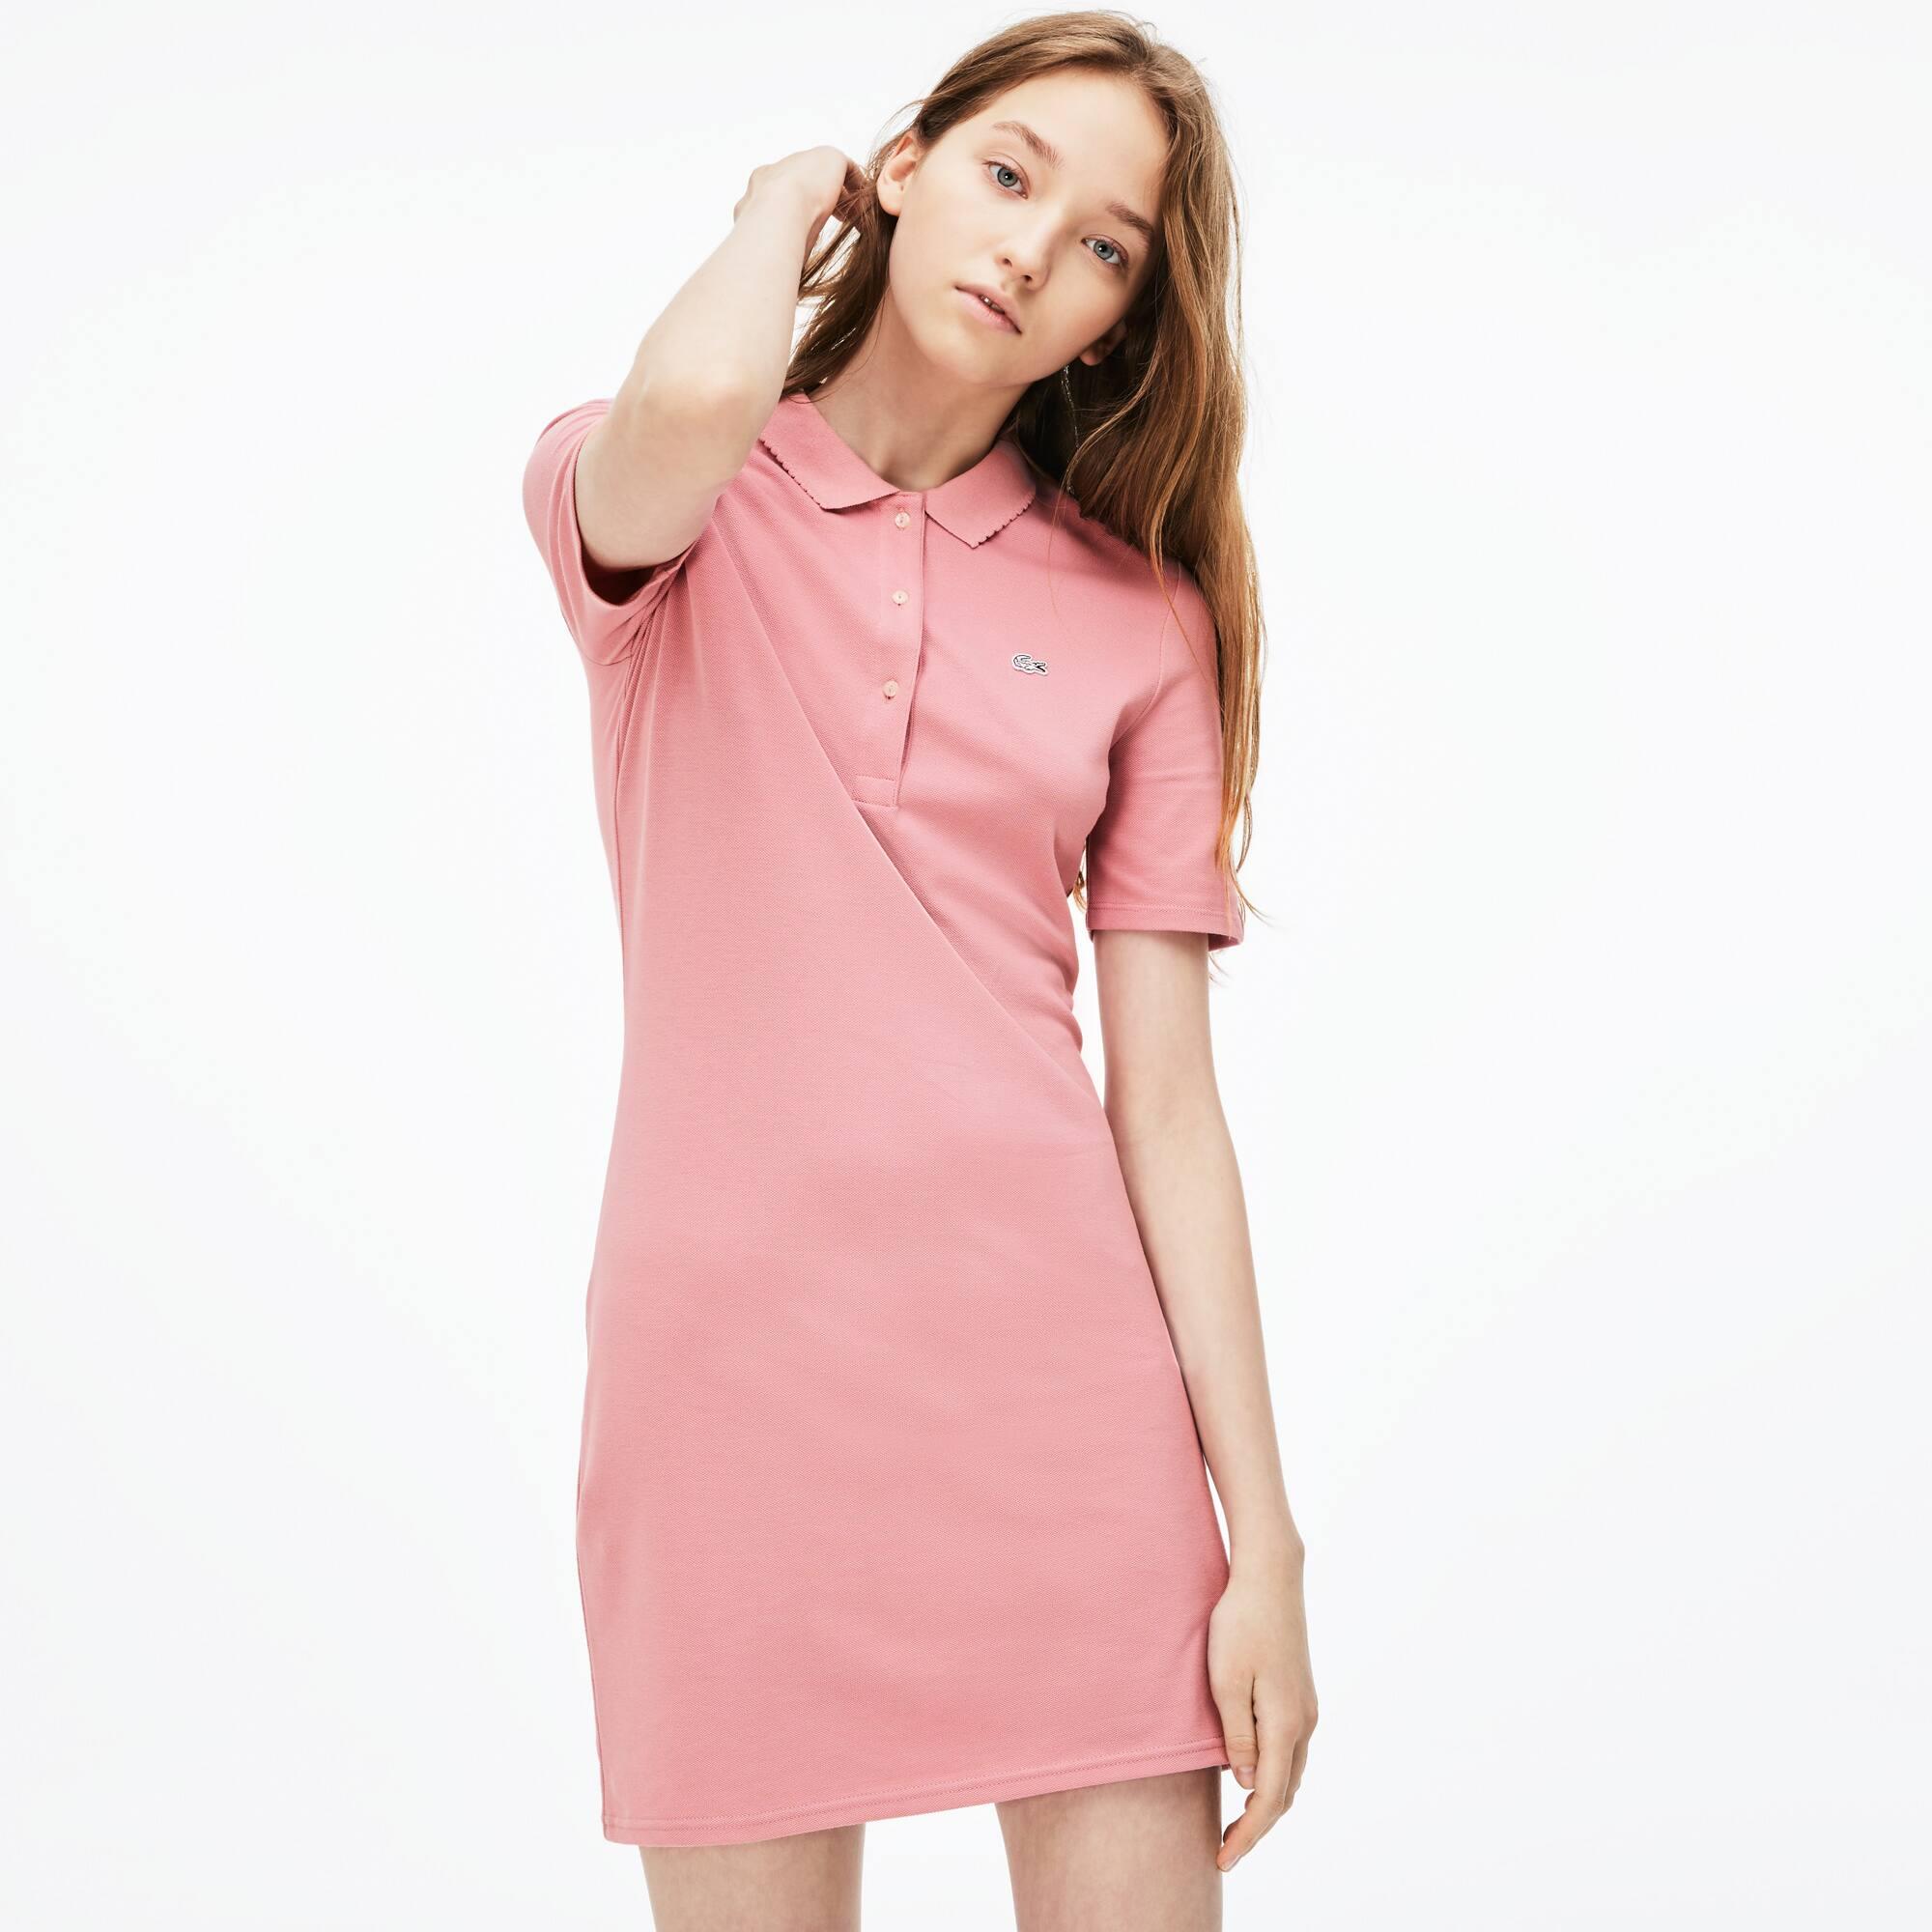 Women's Lacoste LIVE Stretch Petit Piqué Polo Dress